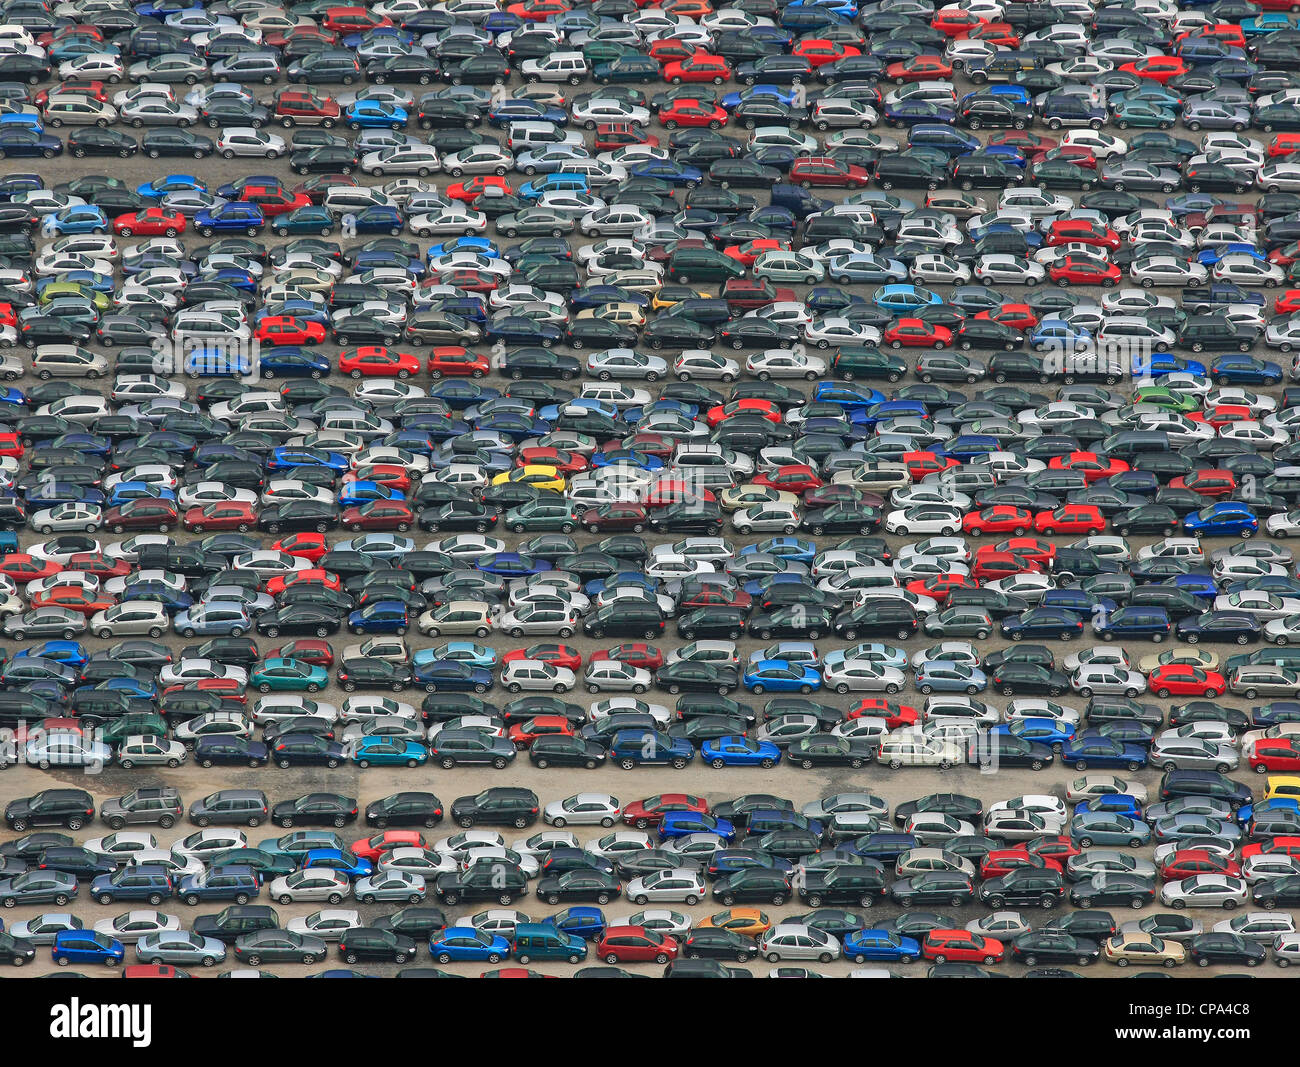 Imagen aérea de los coches en un aparcamiento Imagen De Stock